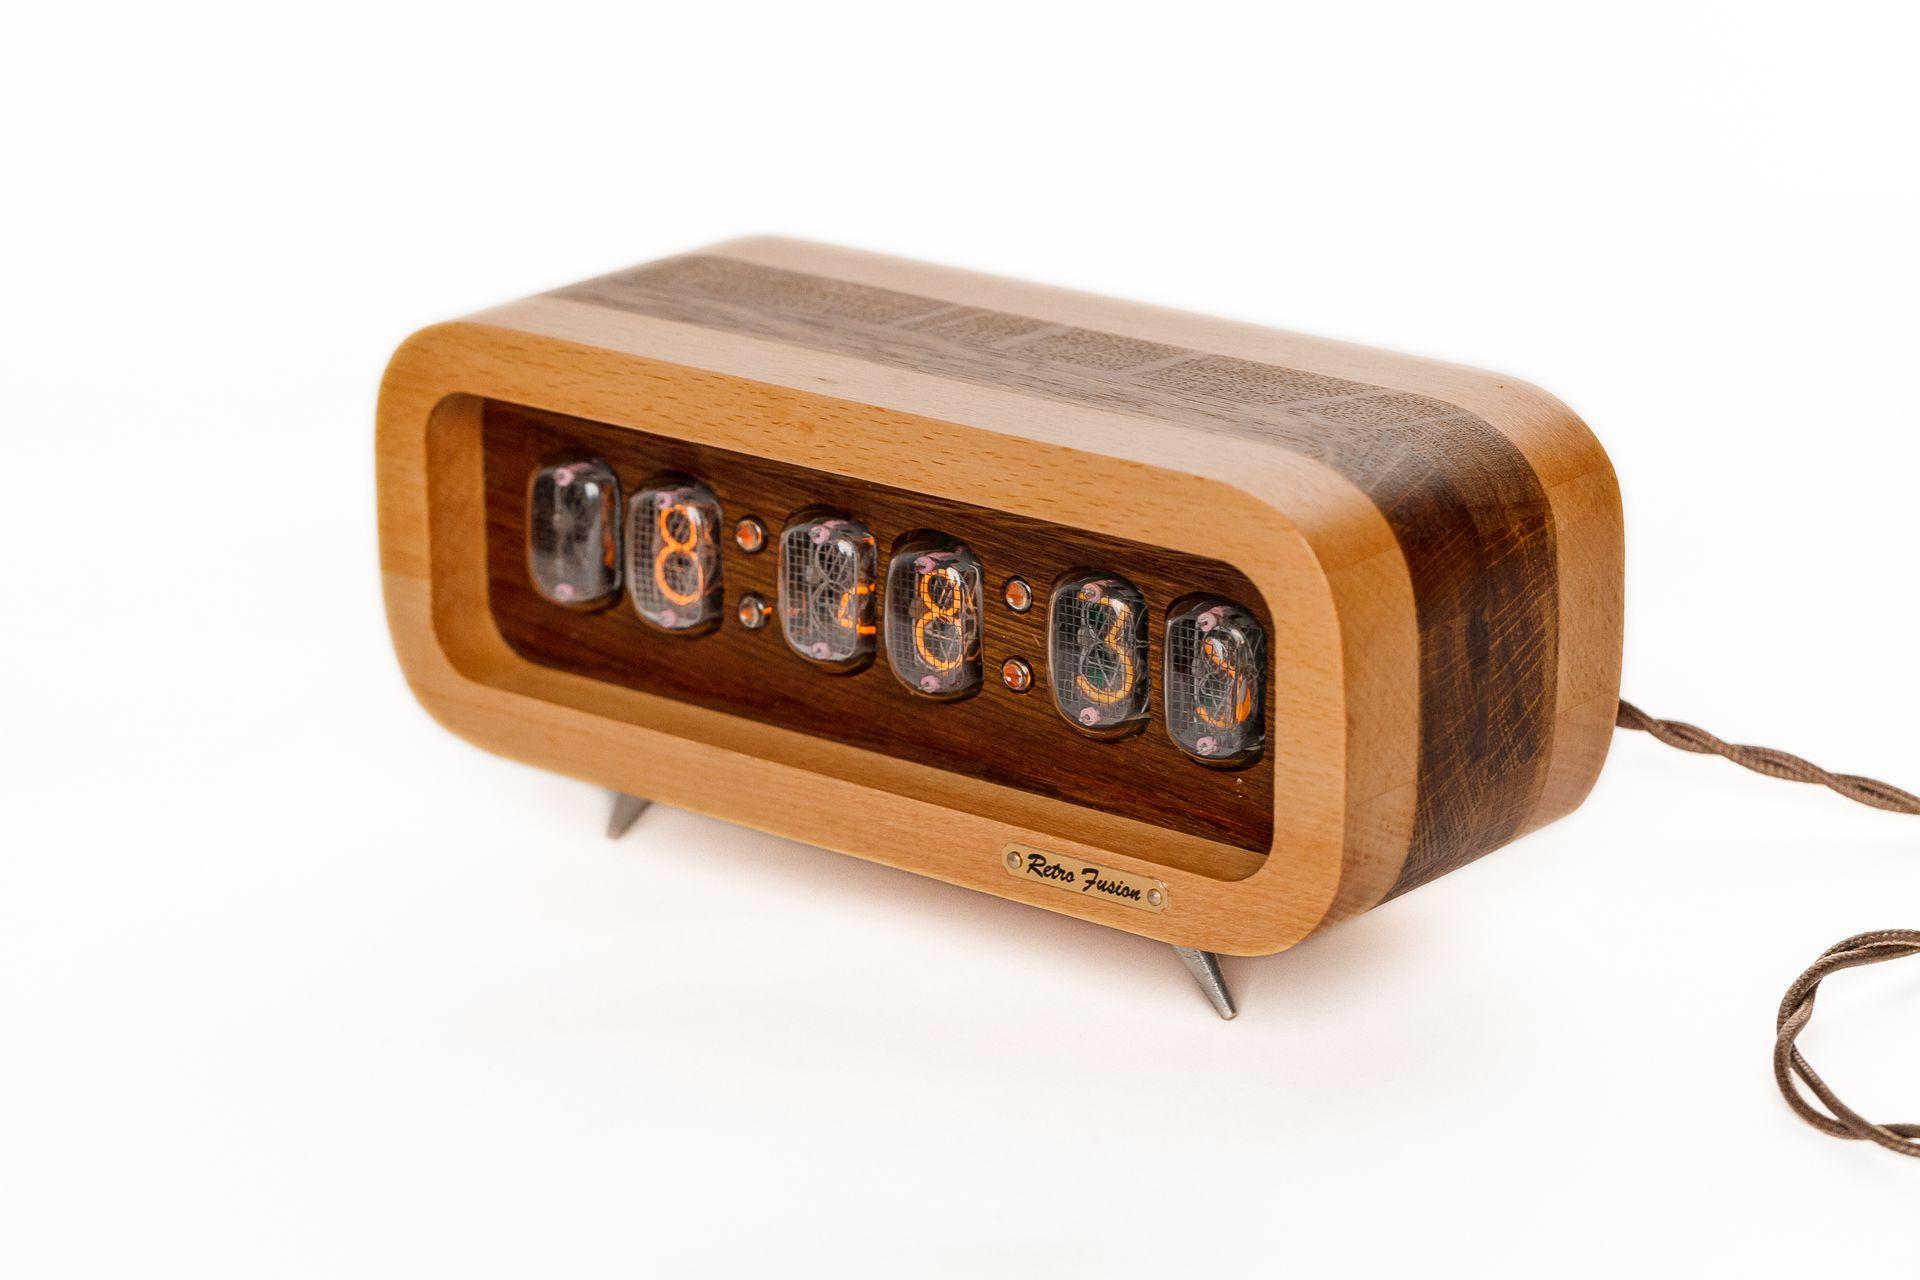 Ламповые ретро часы - деревянные (светлый/темный) от 15 990 руб